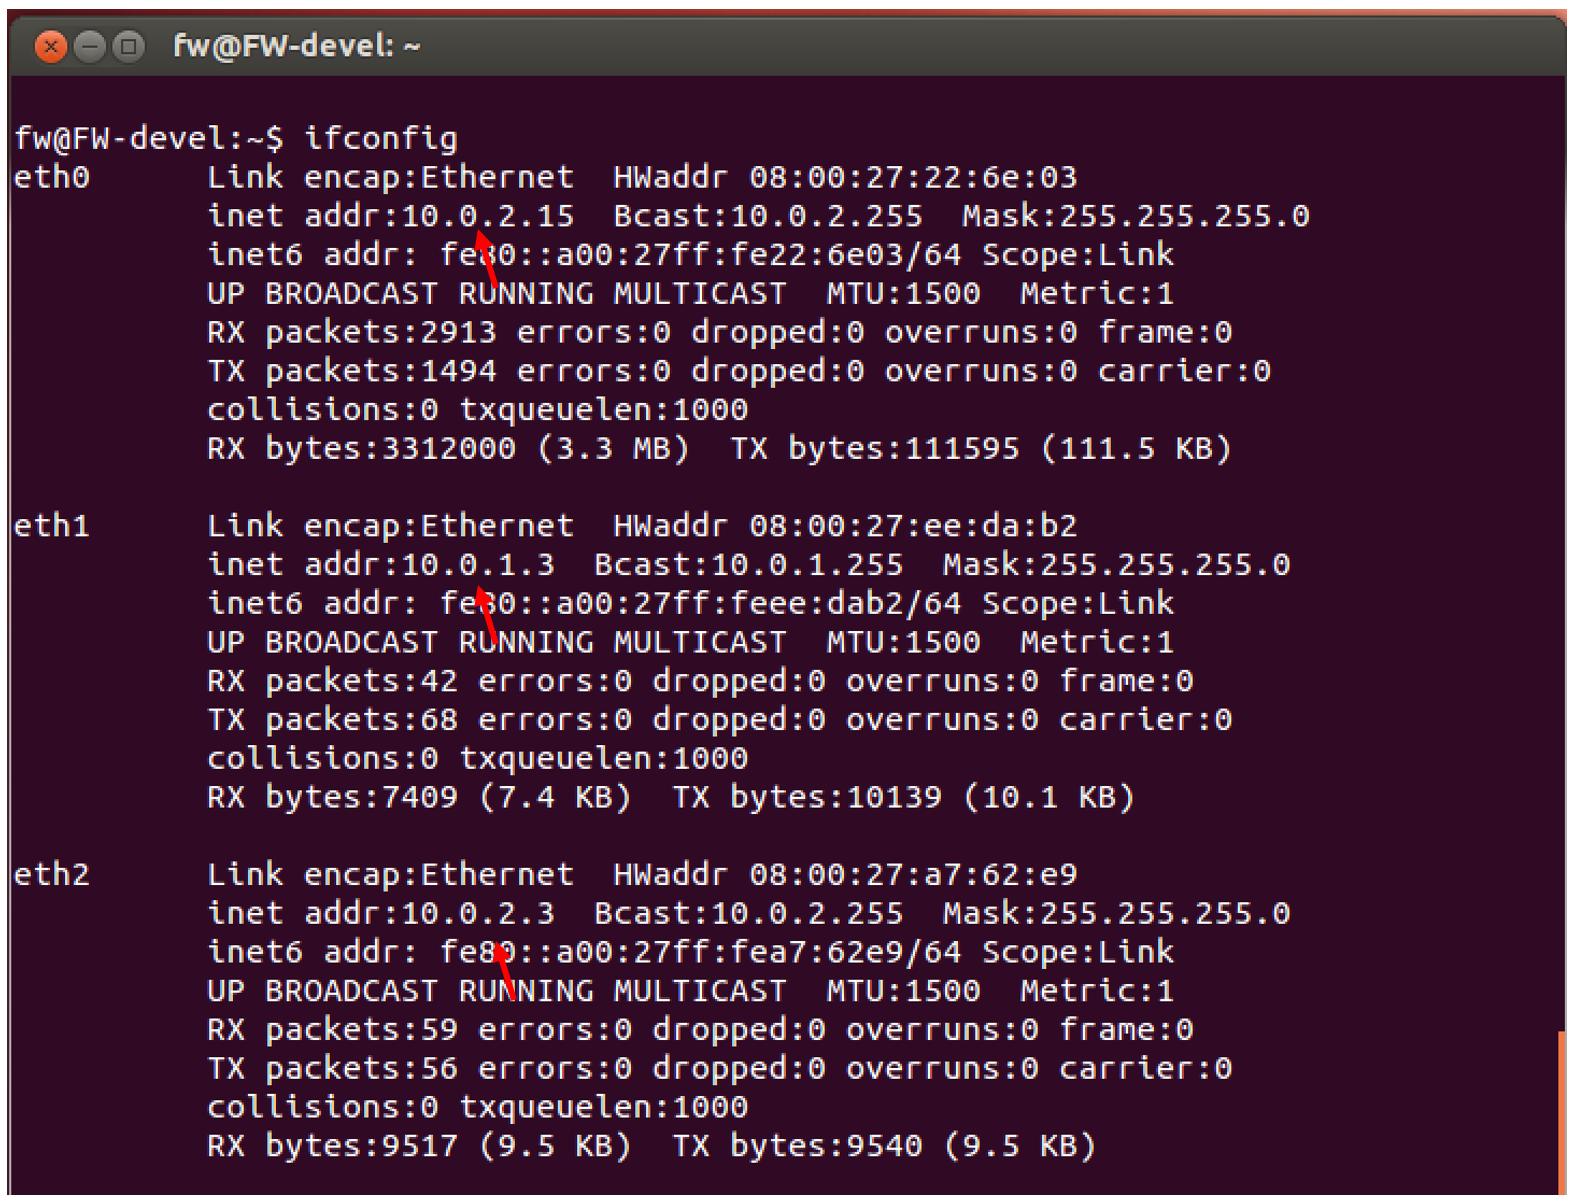 Создание и тестирование Firewall в Linux, Часть 1.1 Виртуальная лаборатория - 11